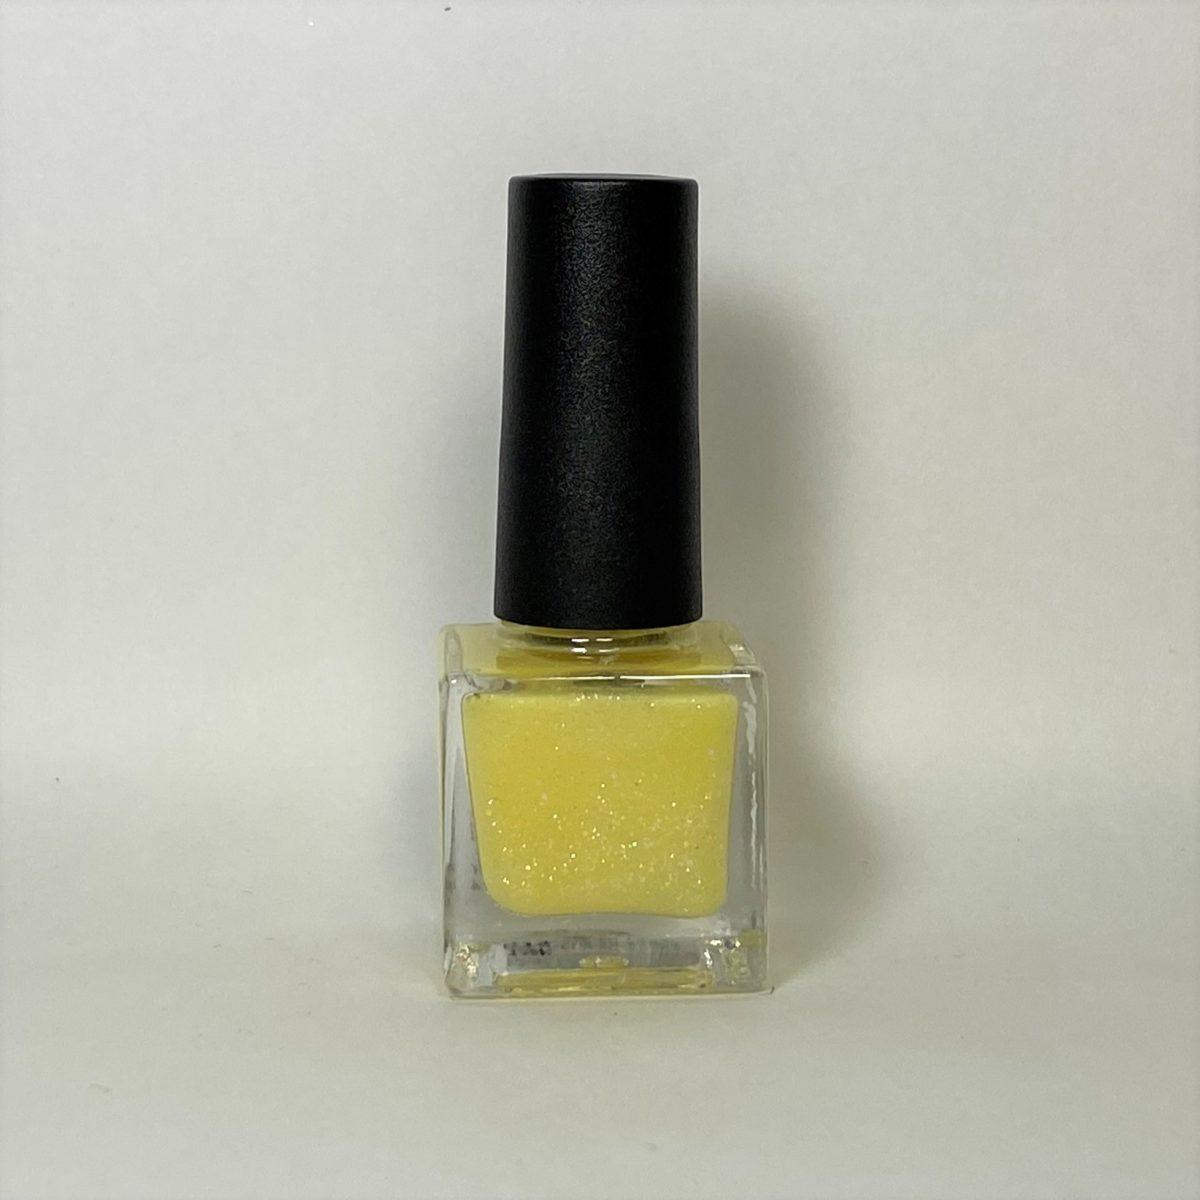 ネイルポリッシュ G14 Light Yellow